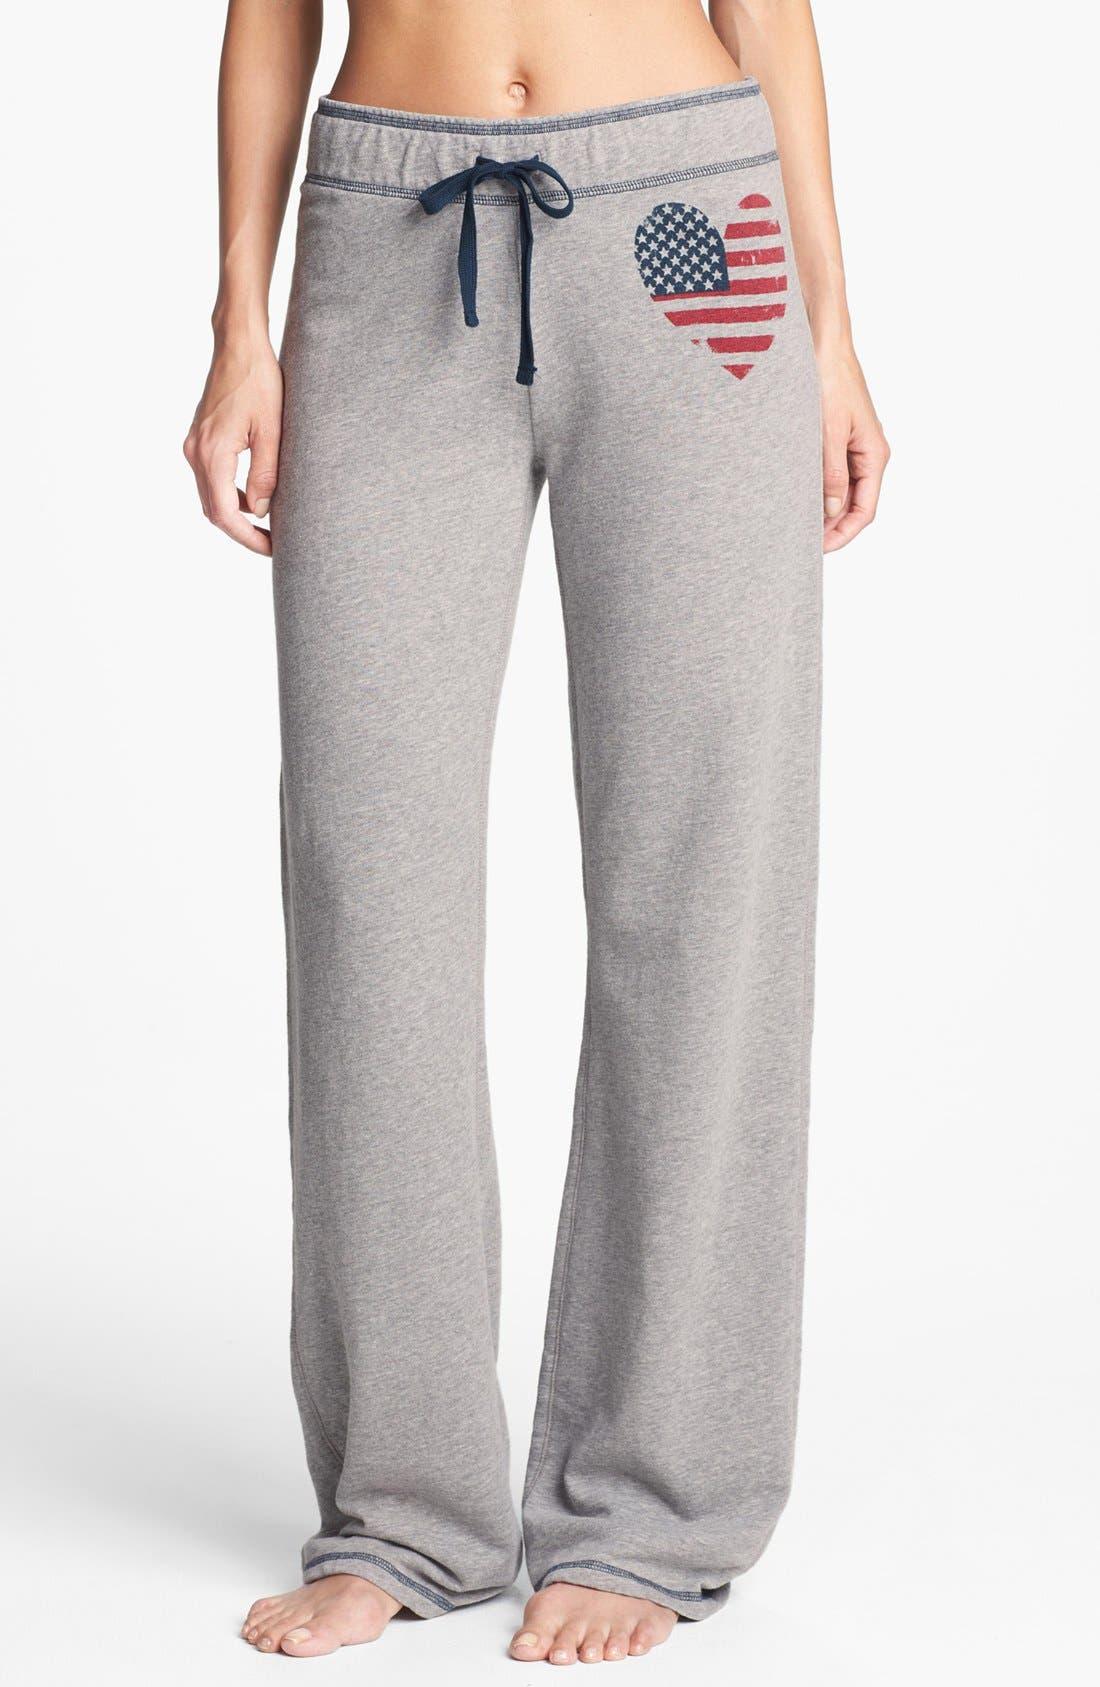 Alternate Image 1 Selected - PJ Salvage 'Stars & Stripes' Pants